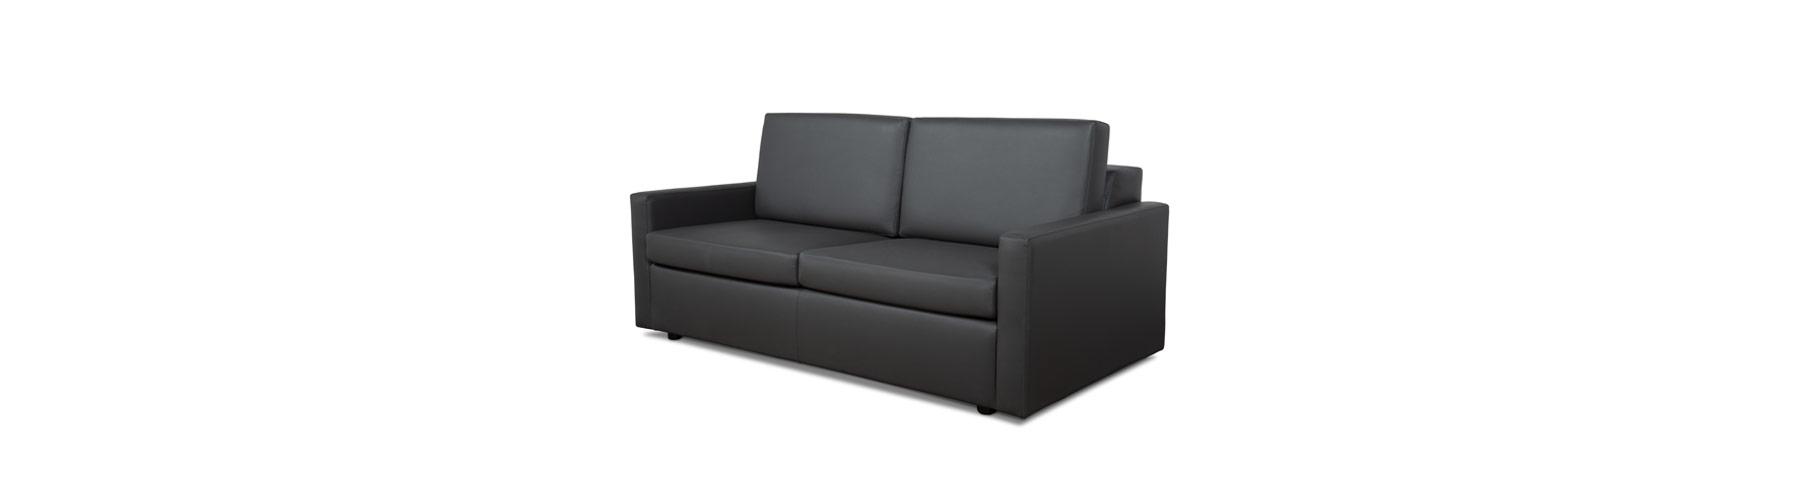 HVD - Canapé lit William